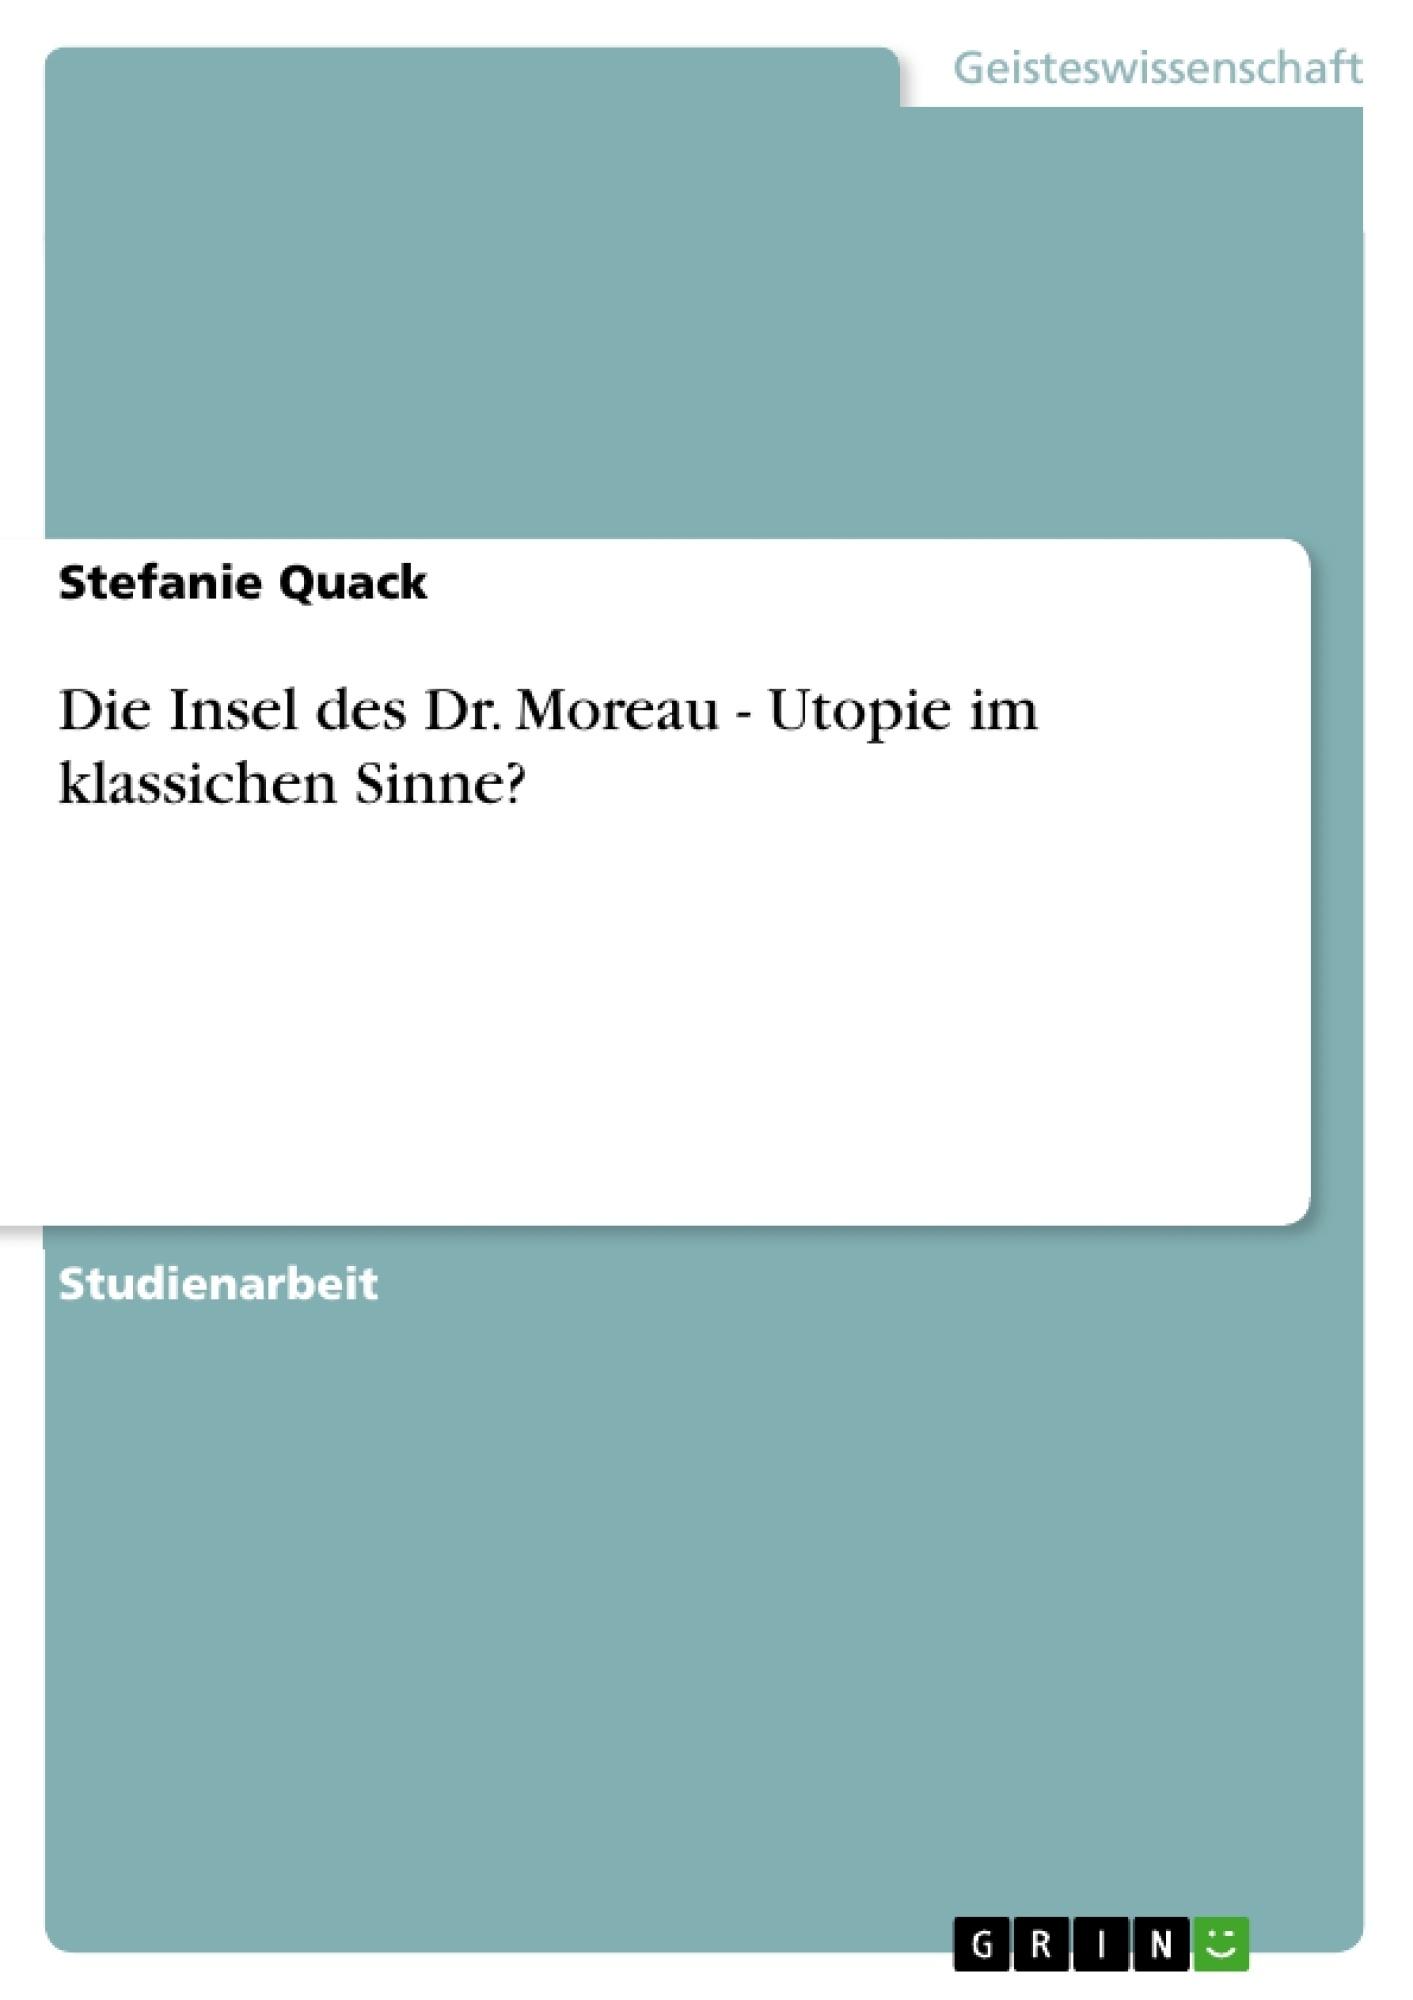 Titel: Die Insel des Dr. Moreau - Utopie im klassichen Sinne?